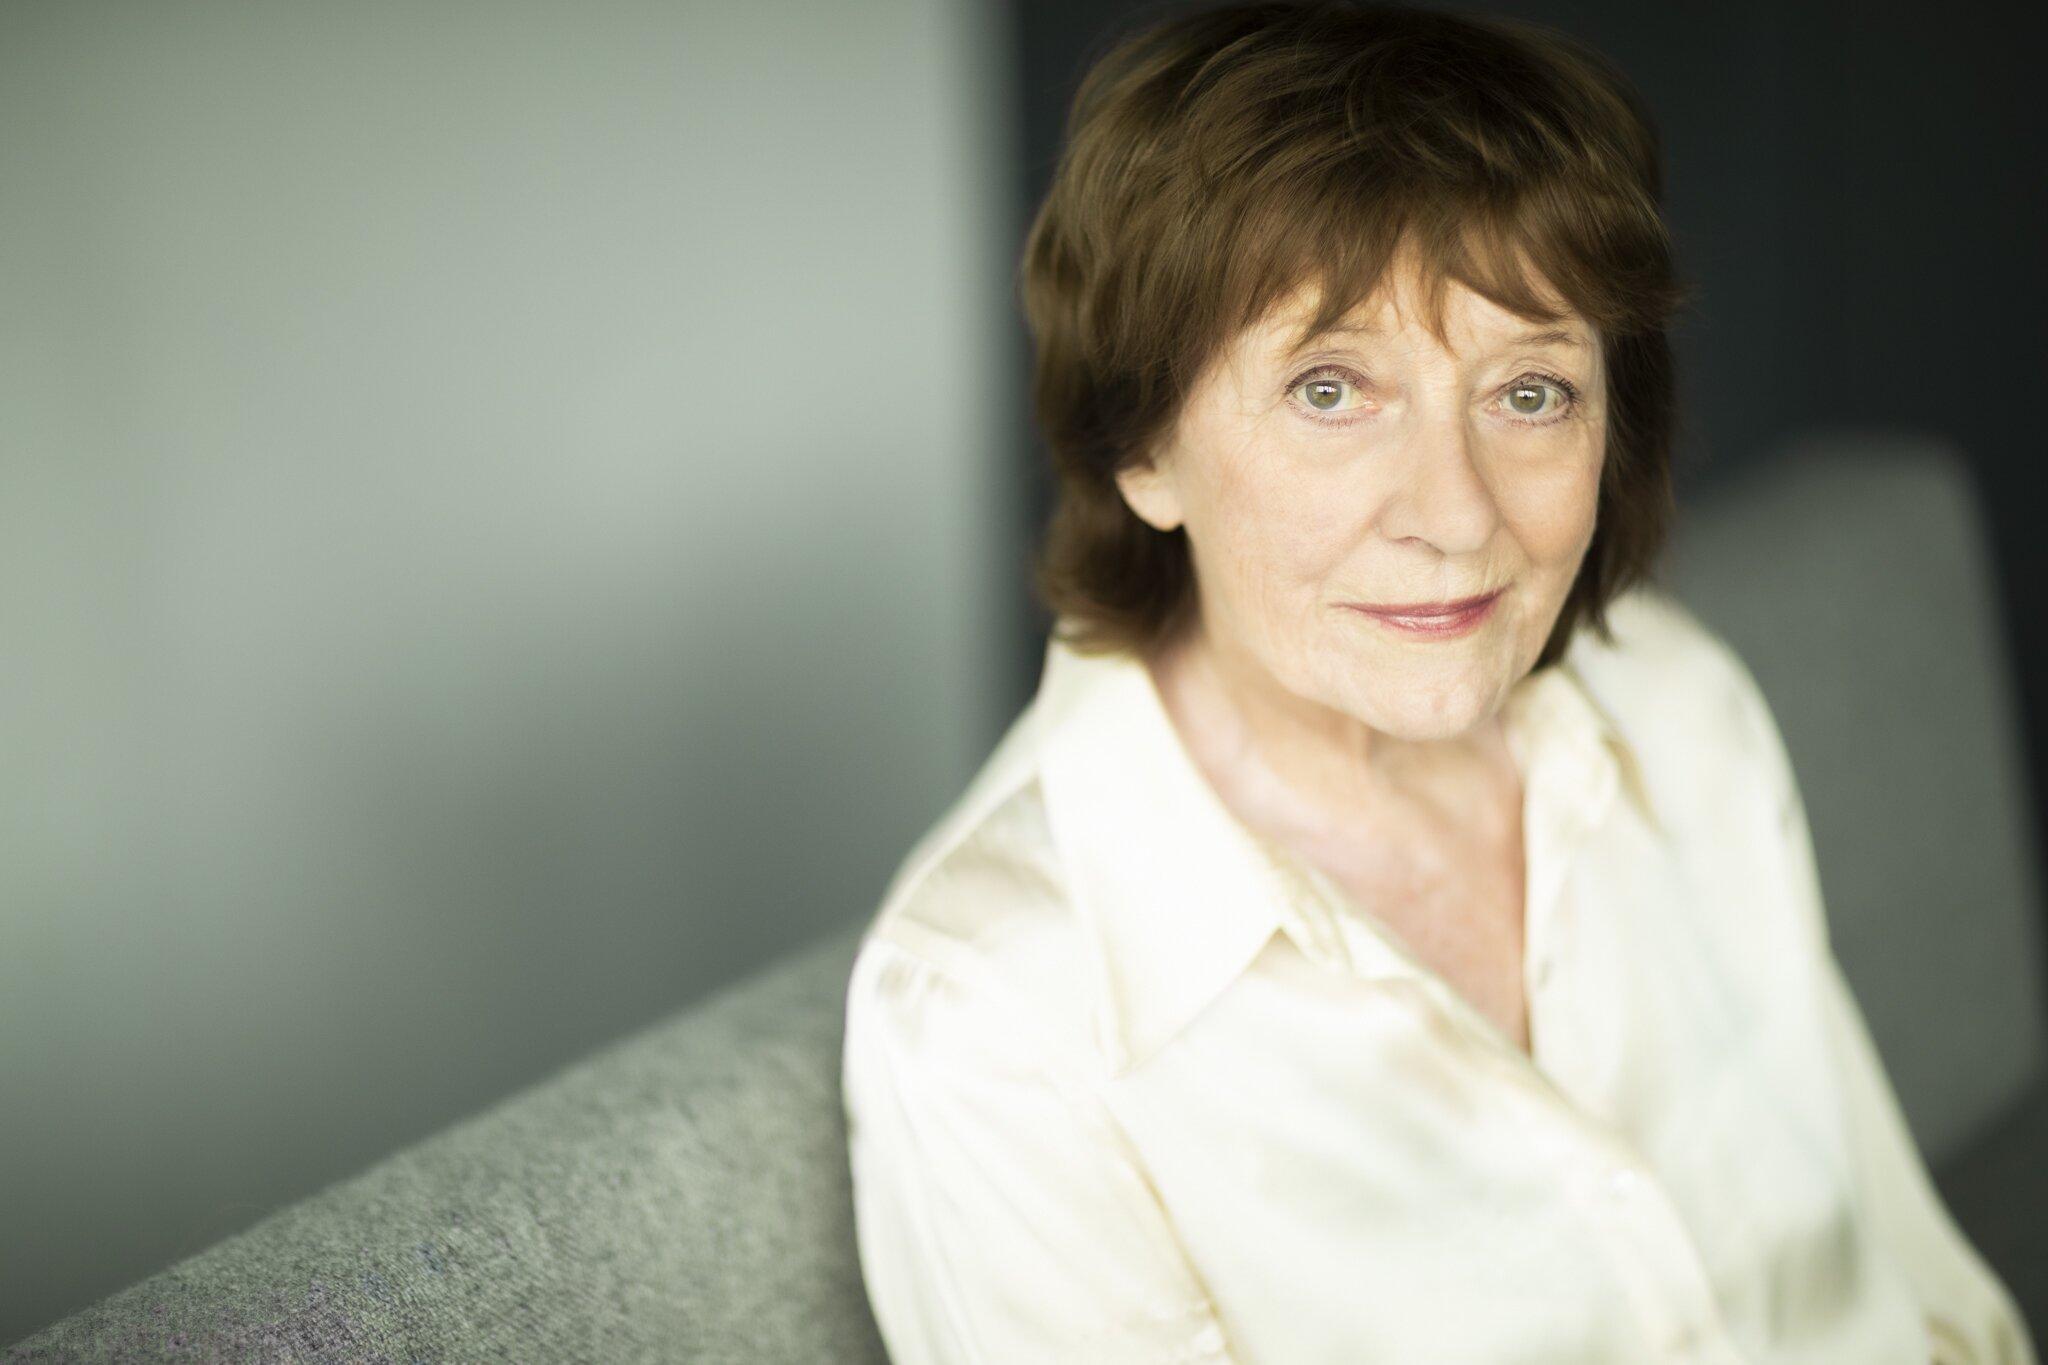 Celia Nufaar